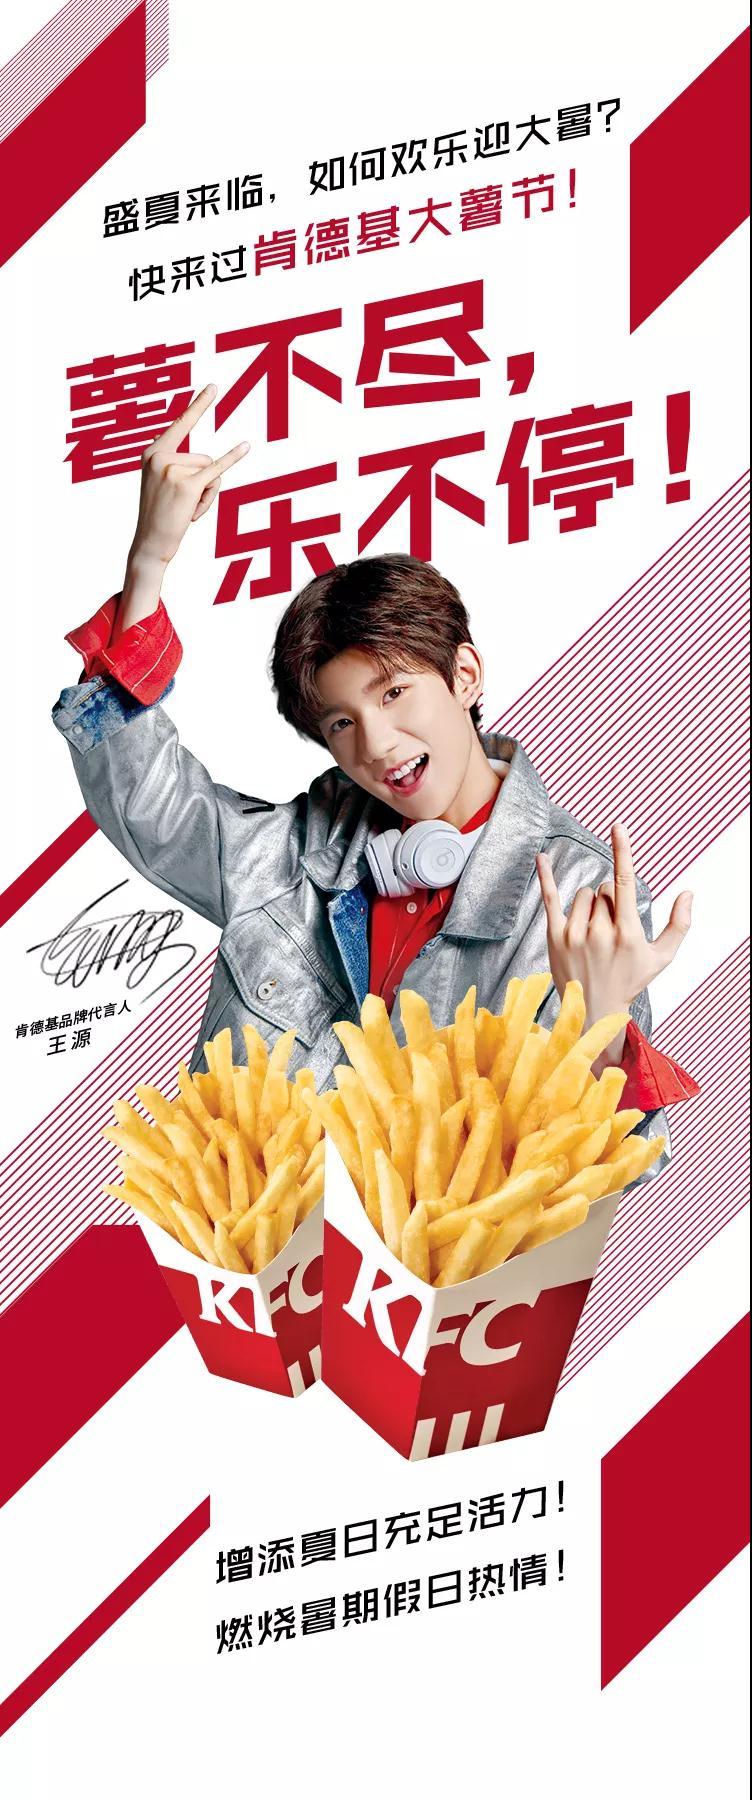 【肯德基】大薯买一送一,限时2天!